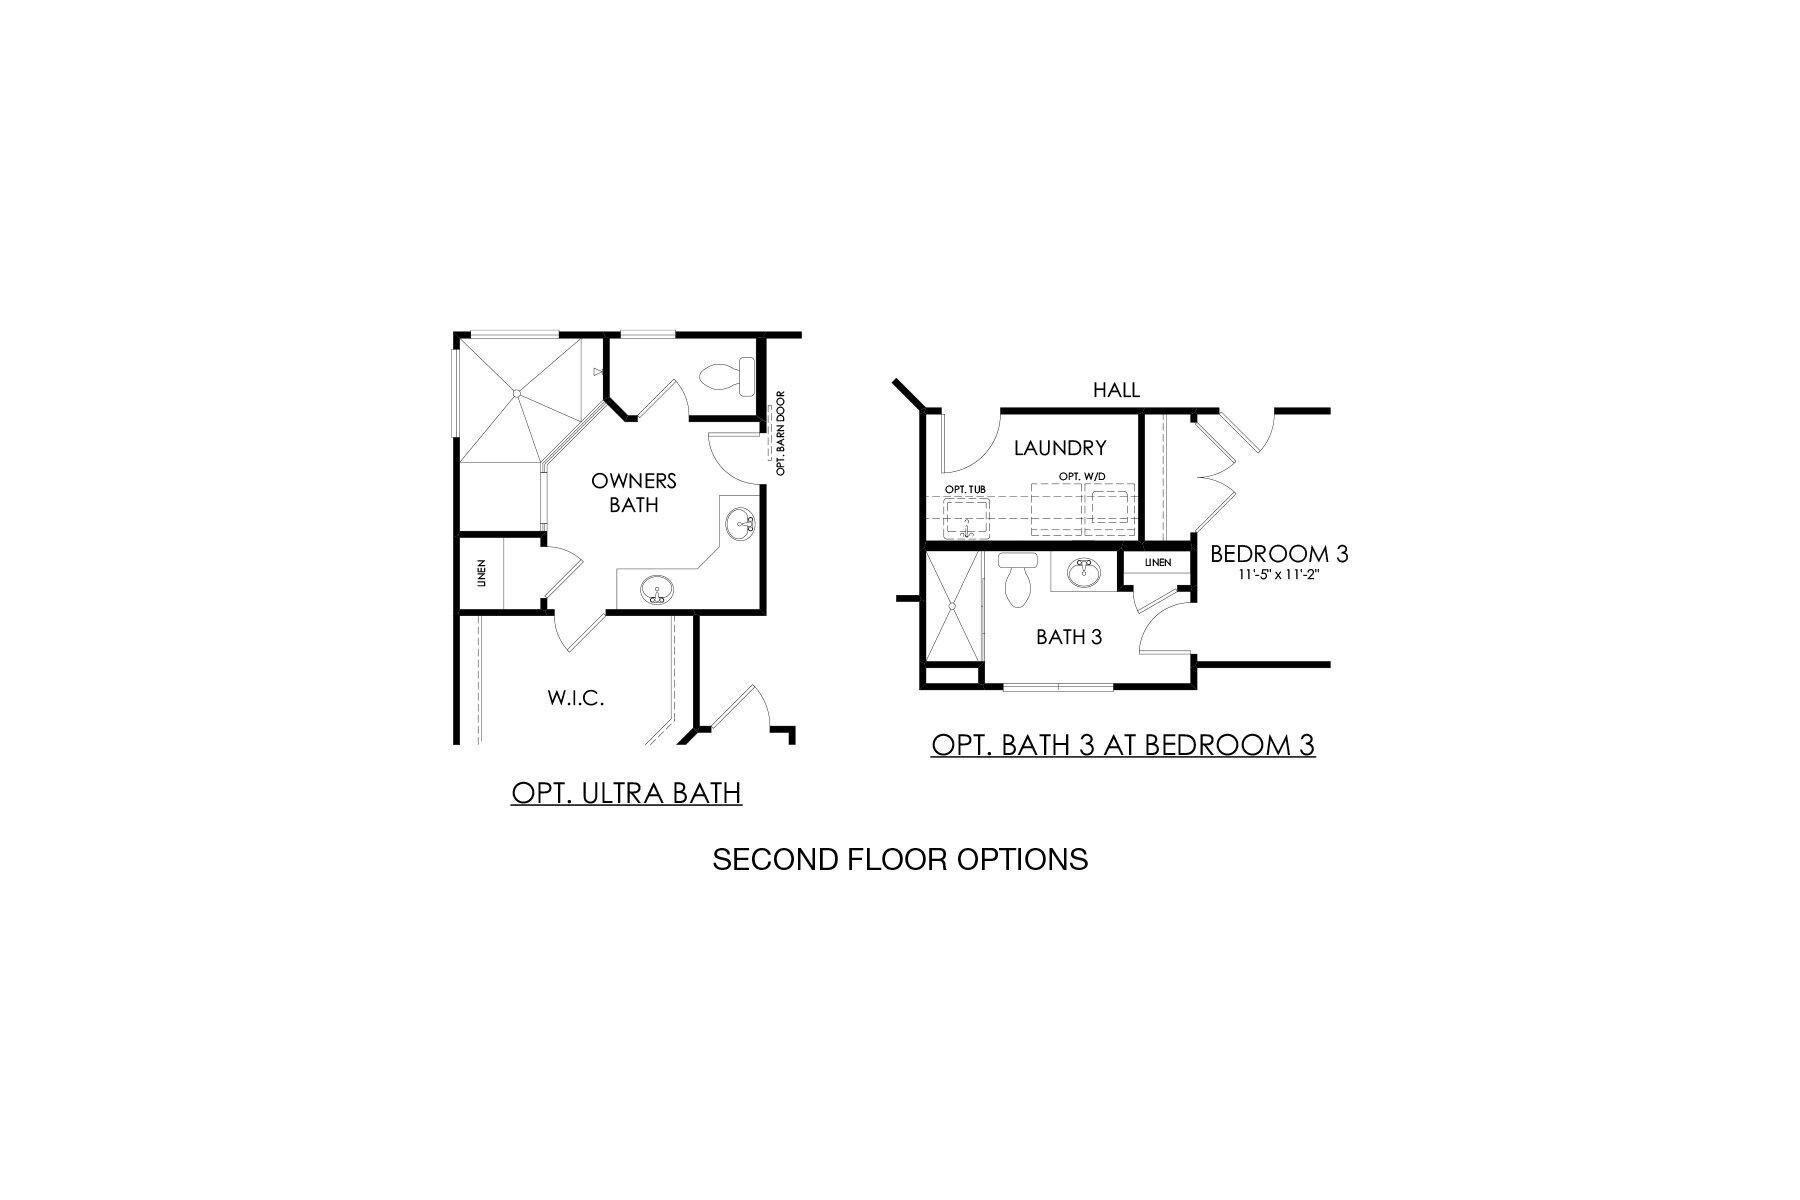 Stanley Second Floor Options